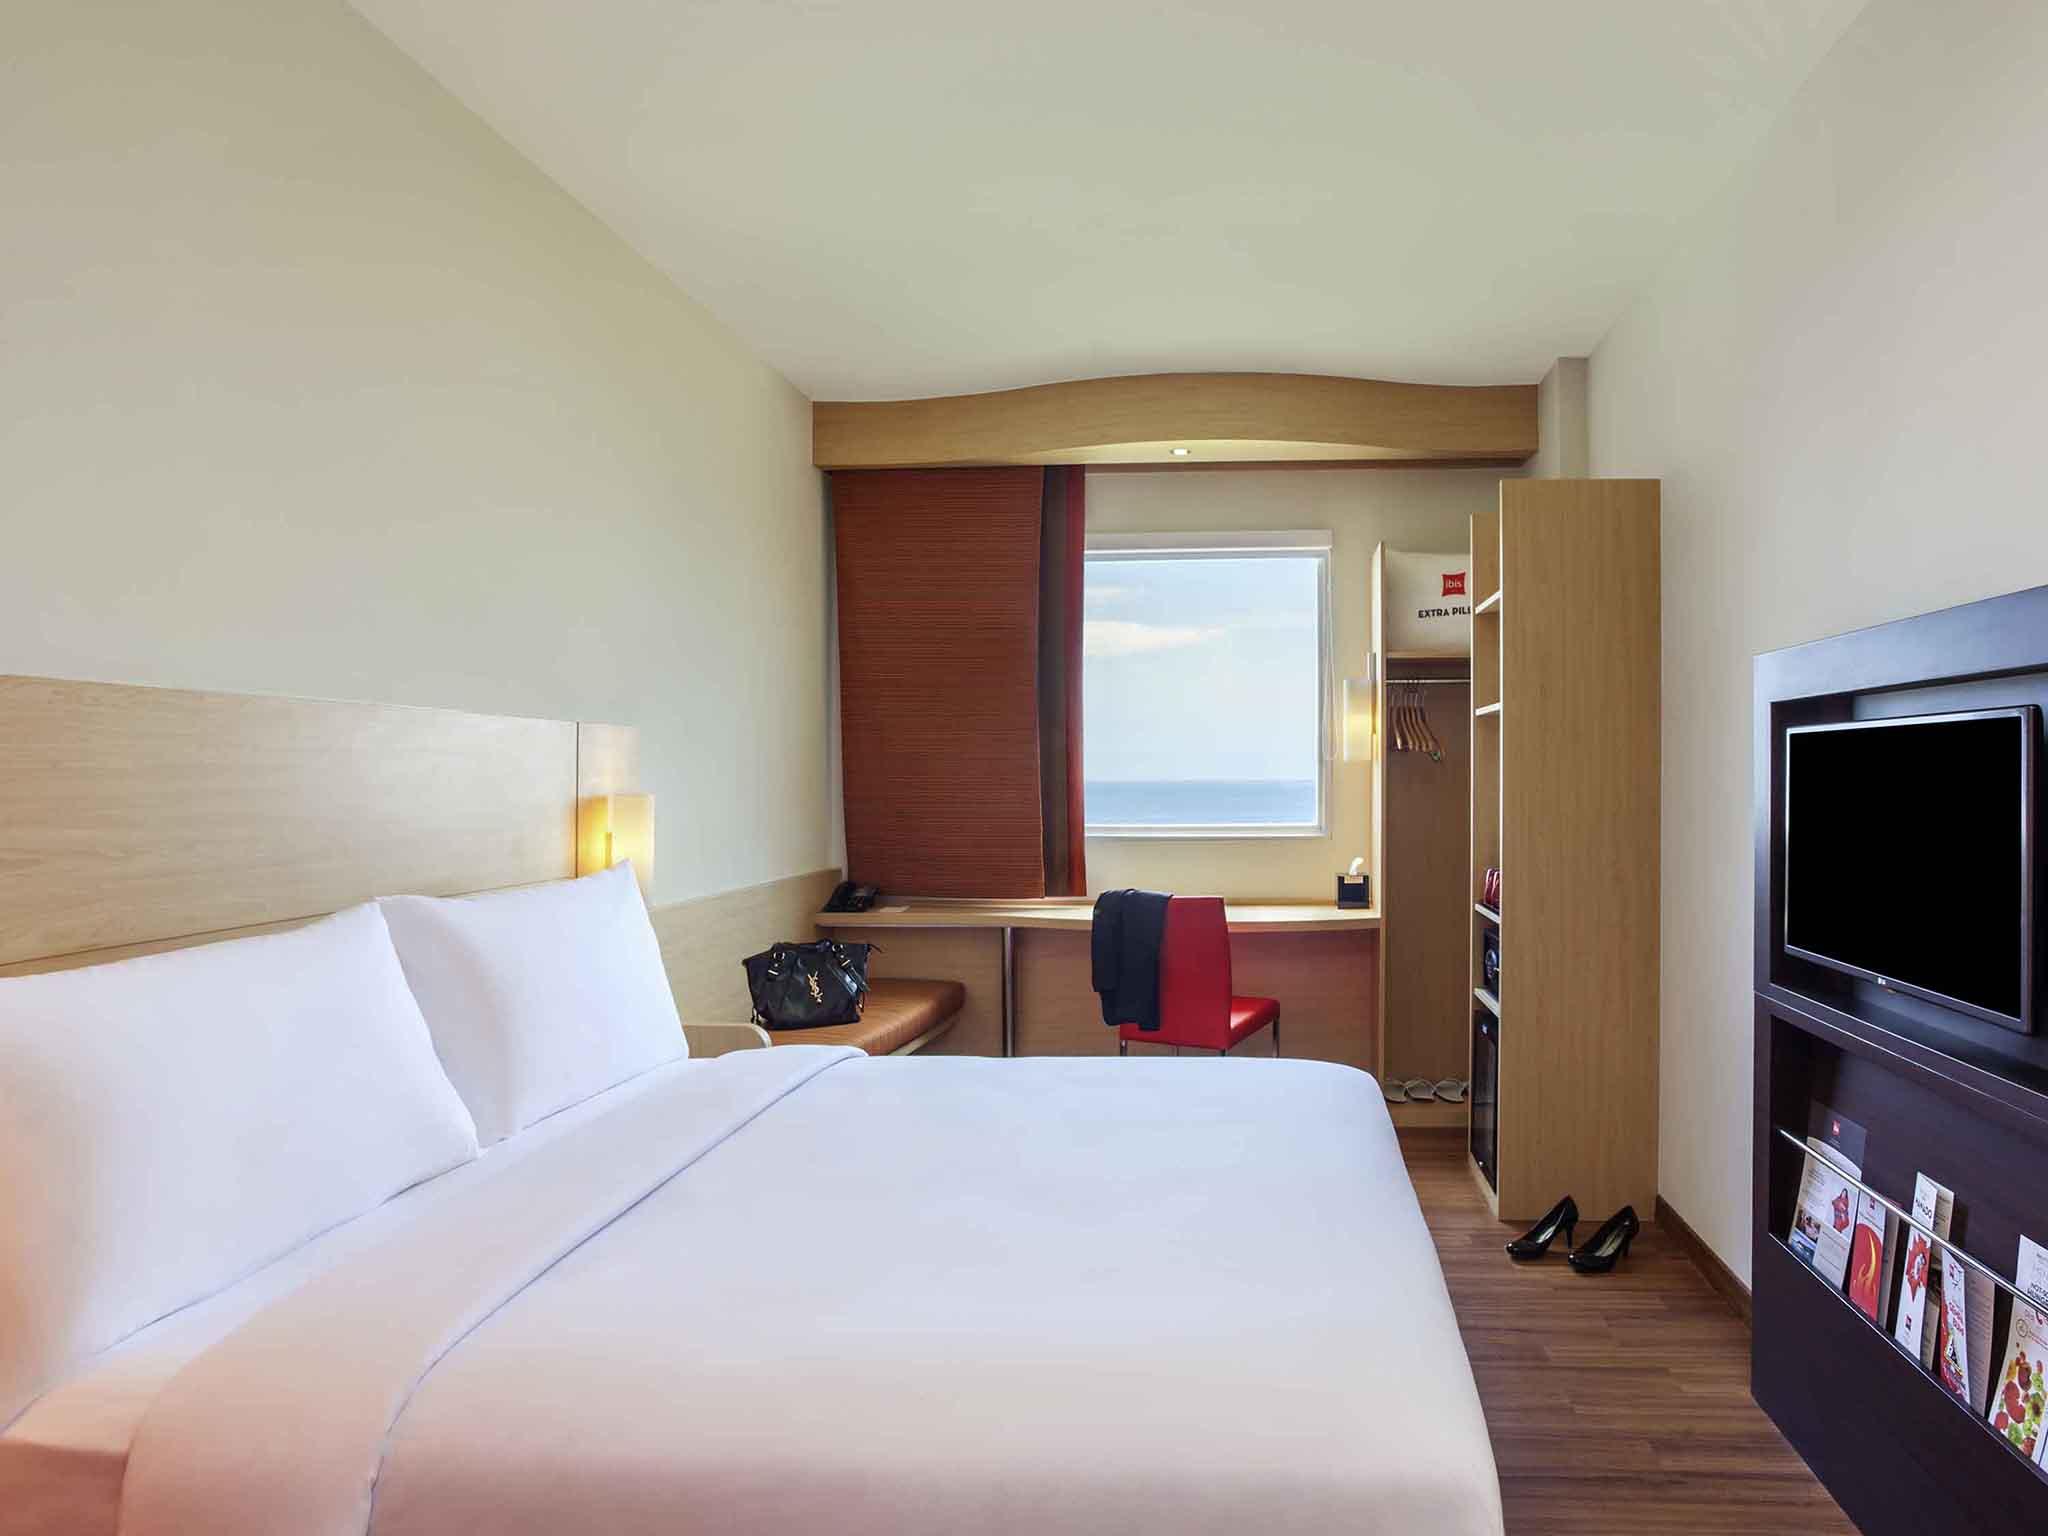 酒店 – 宜必思美纳多市中心大道酒店